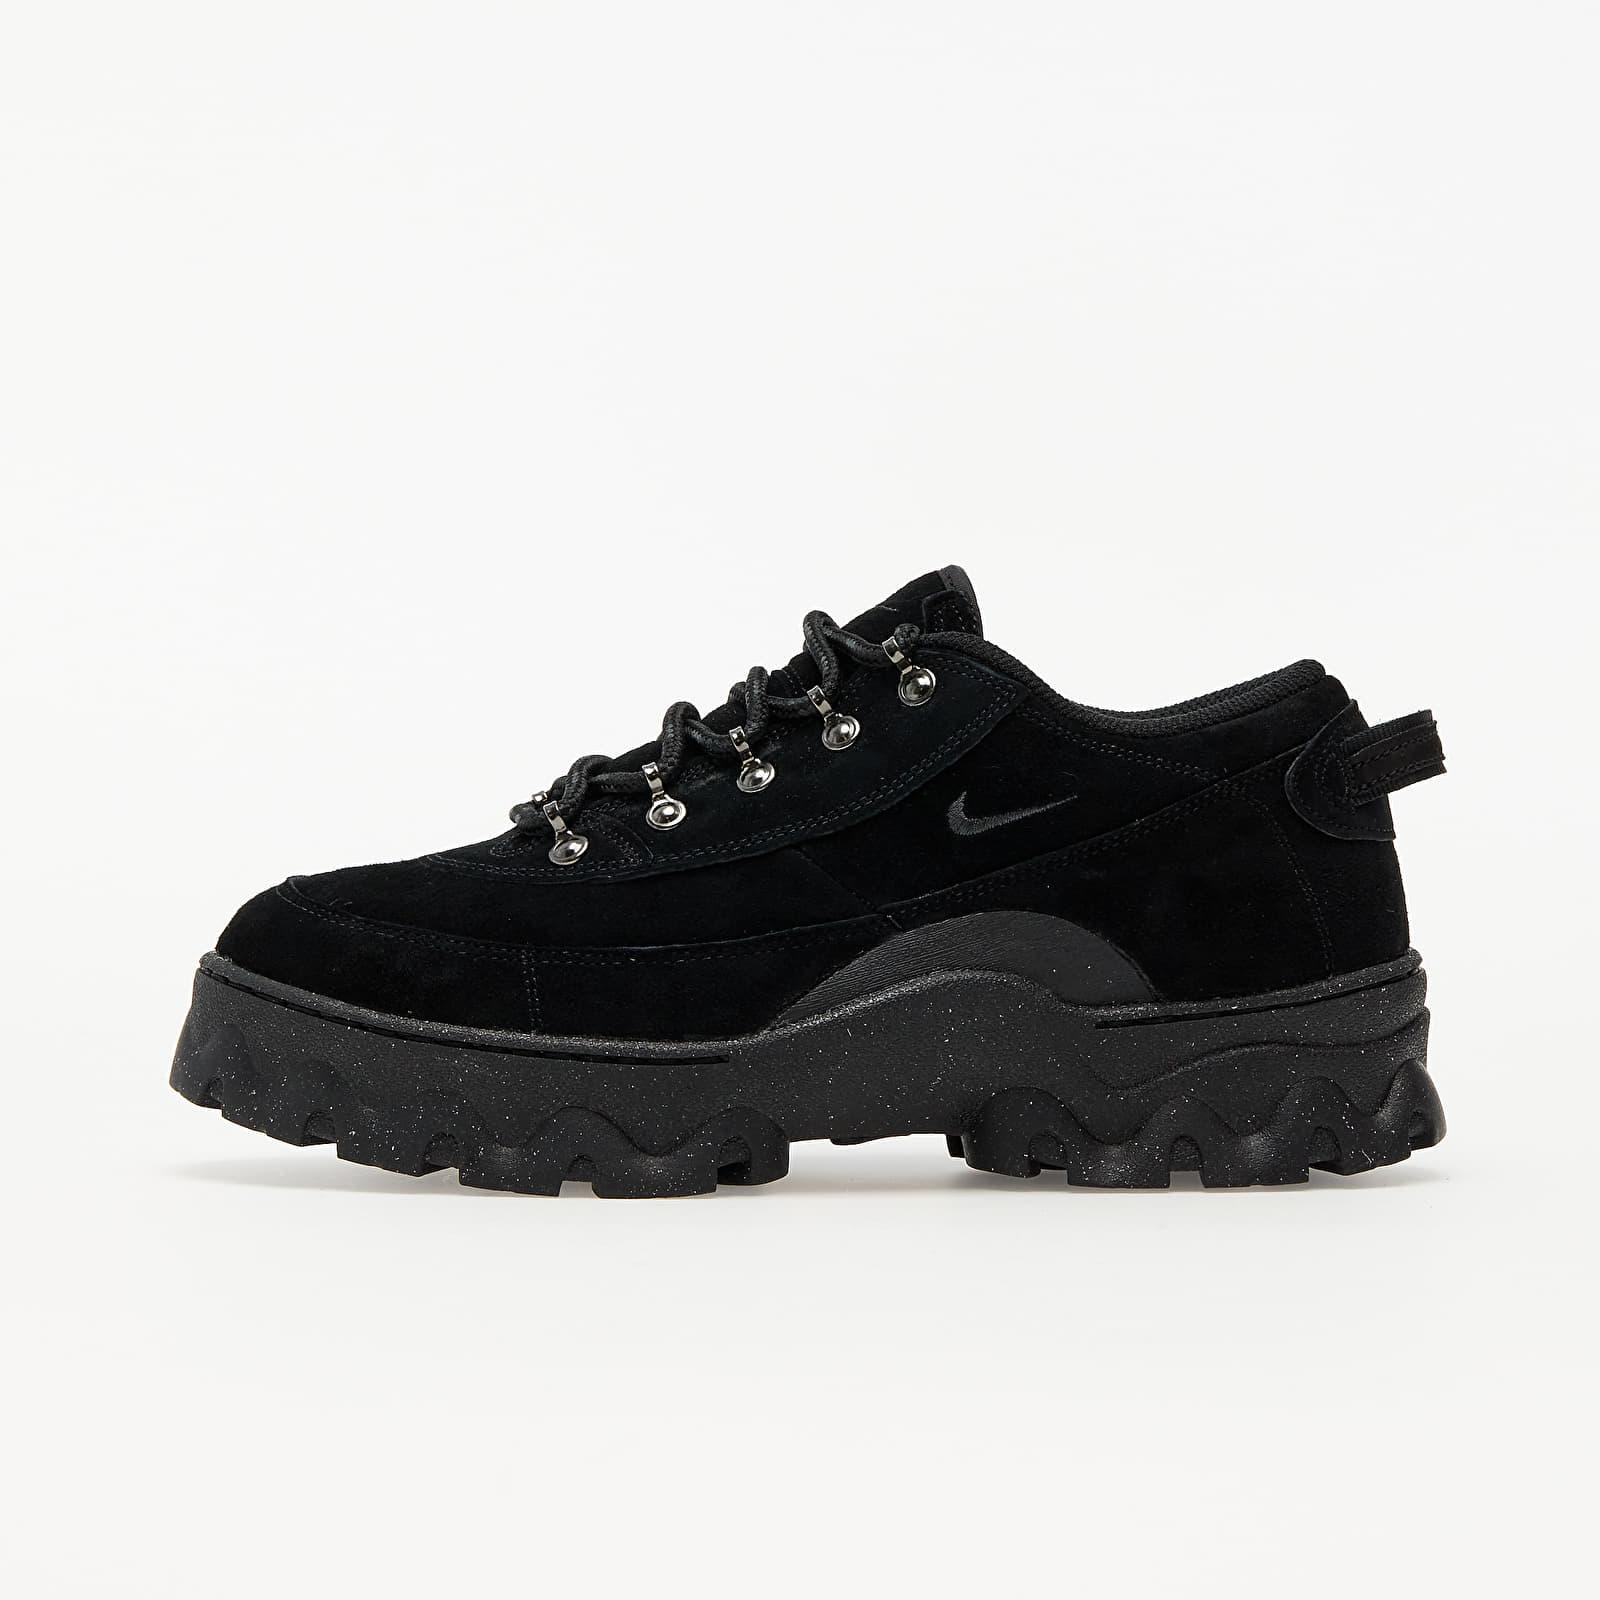 Nike Lahar Low Black/ Dk Smoke Grey-Orange-Black EUR 43